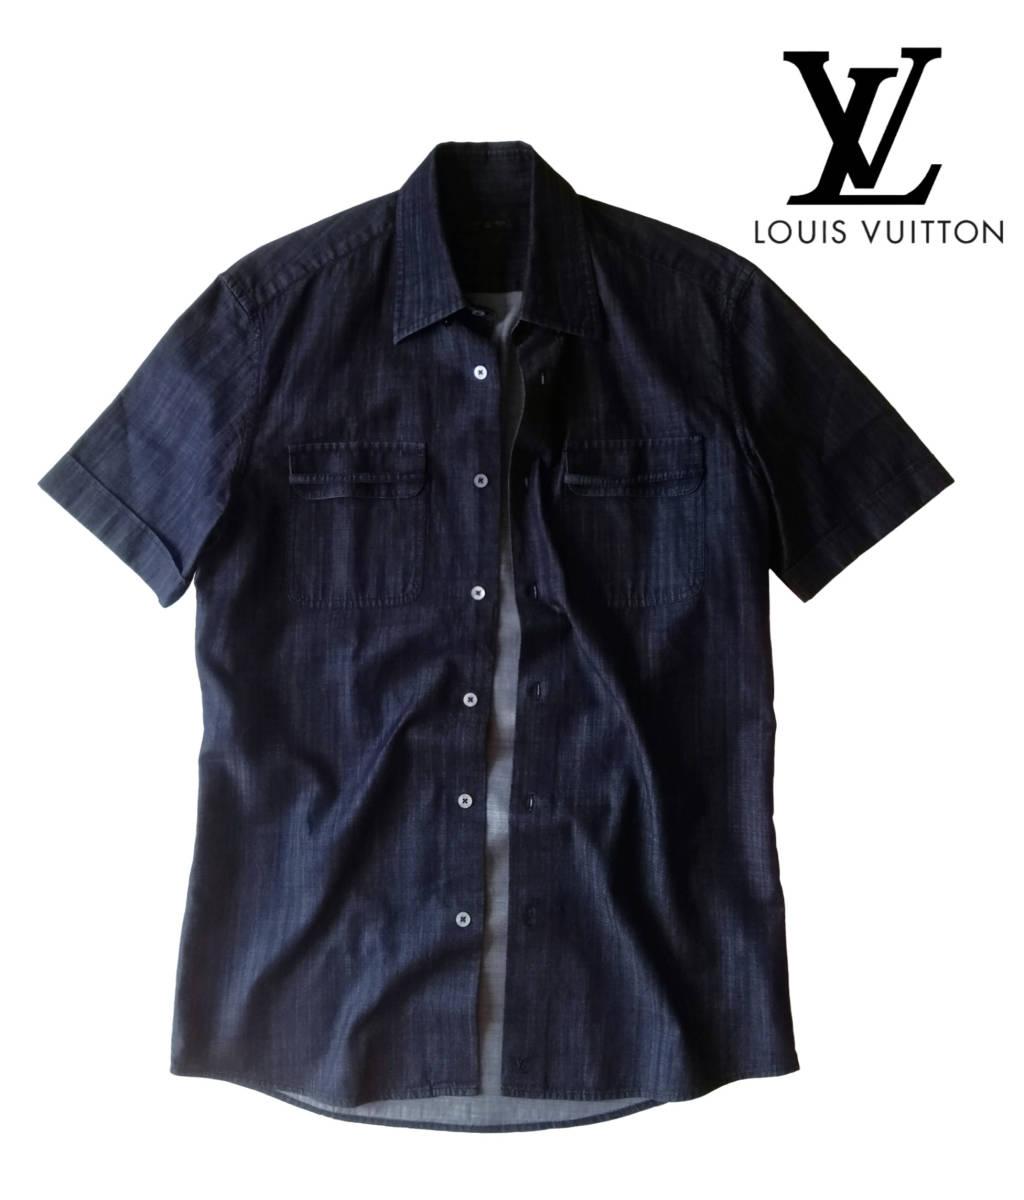 希少・レア品 ◆ LOUIS VUITTON ◆ ルイヴィトン ◆ ブラック 半袖 デニム シャツ 38 黒 M~Lサイズ相当 メンズ イタリア製 LVロゴ刺繍 _画像1